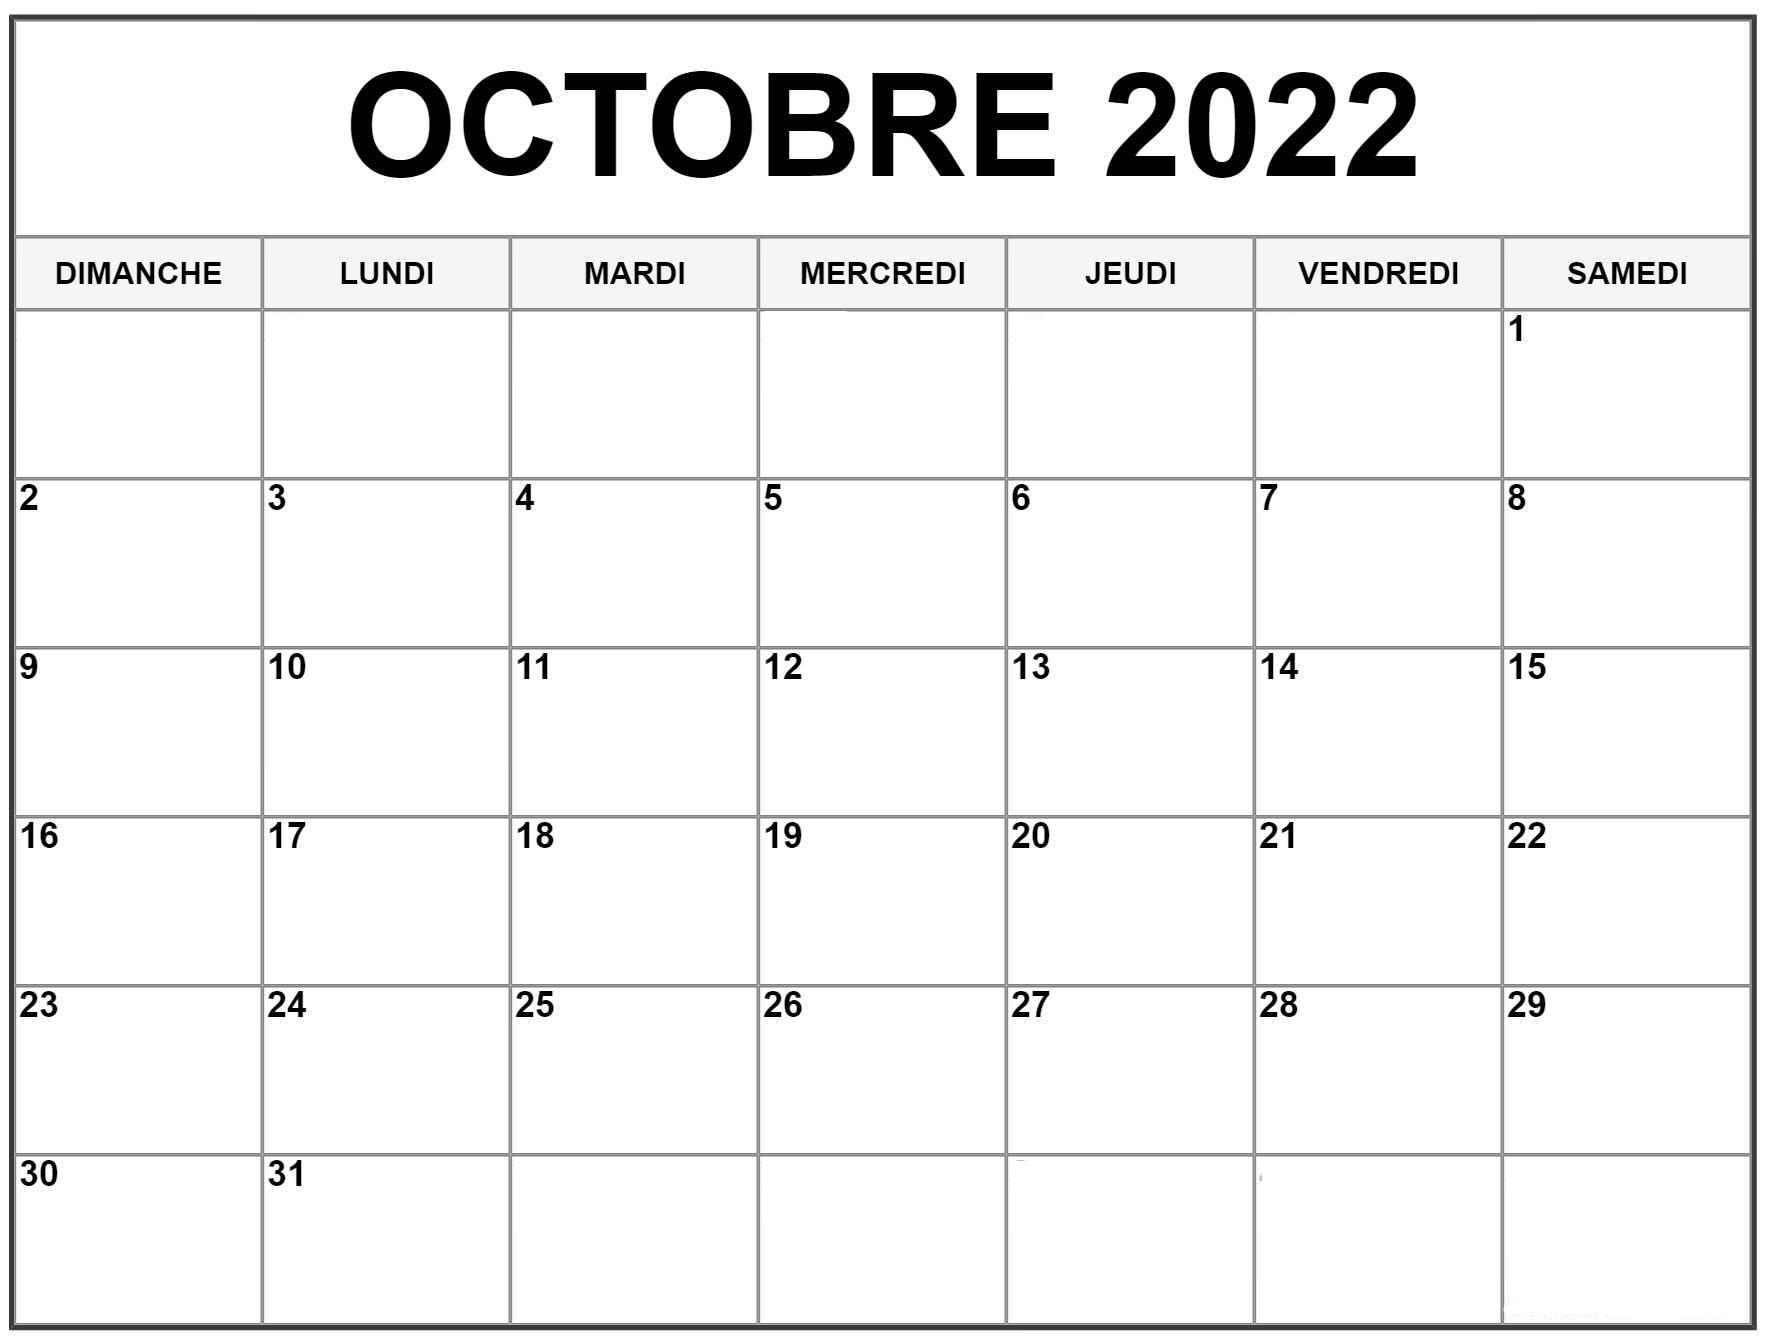 2022 Calendrier Octobre